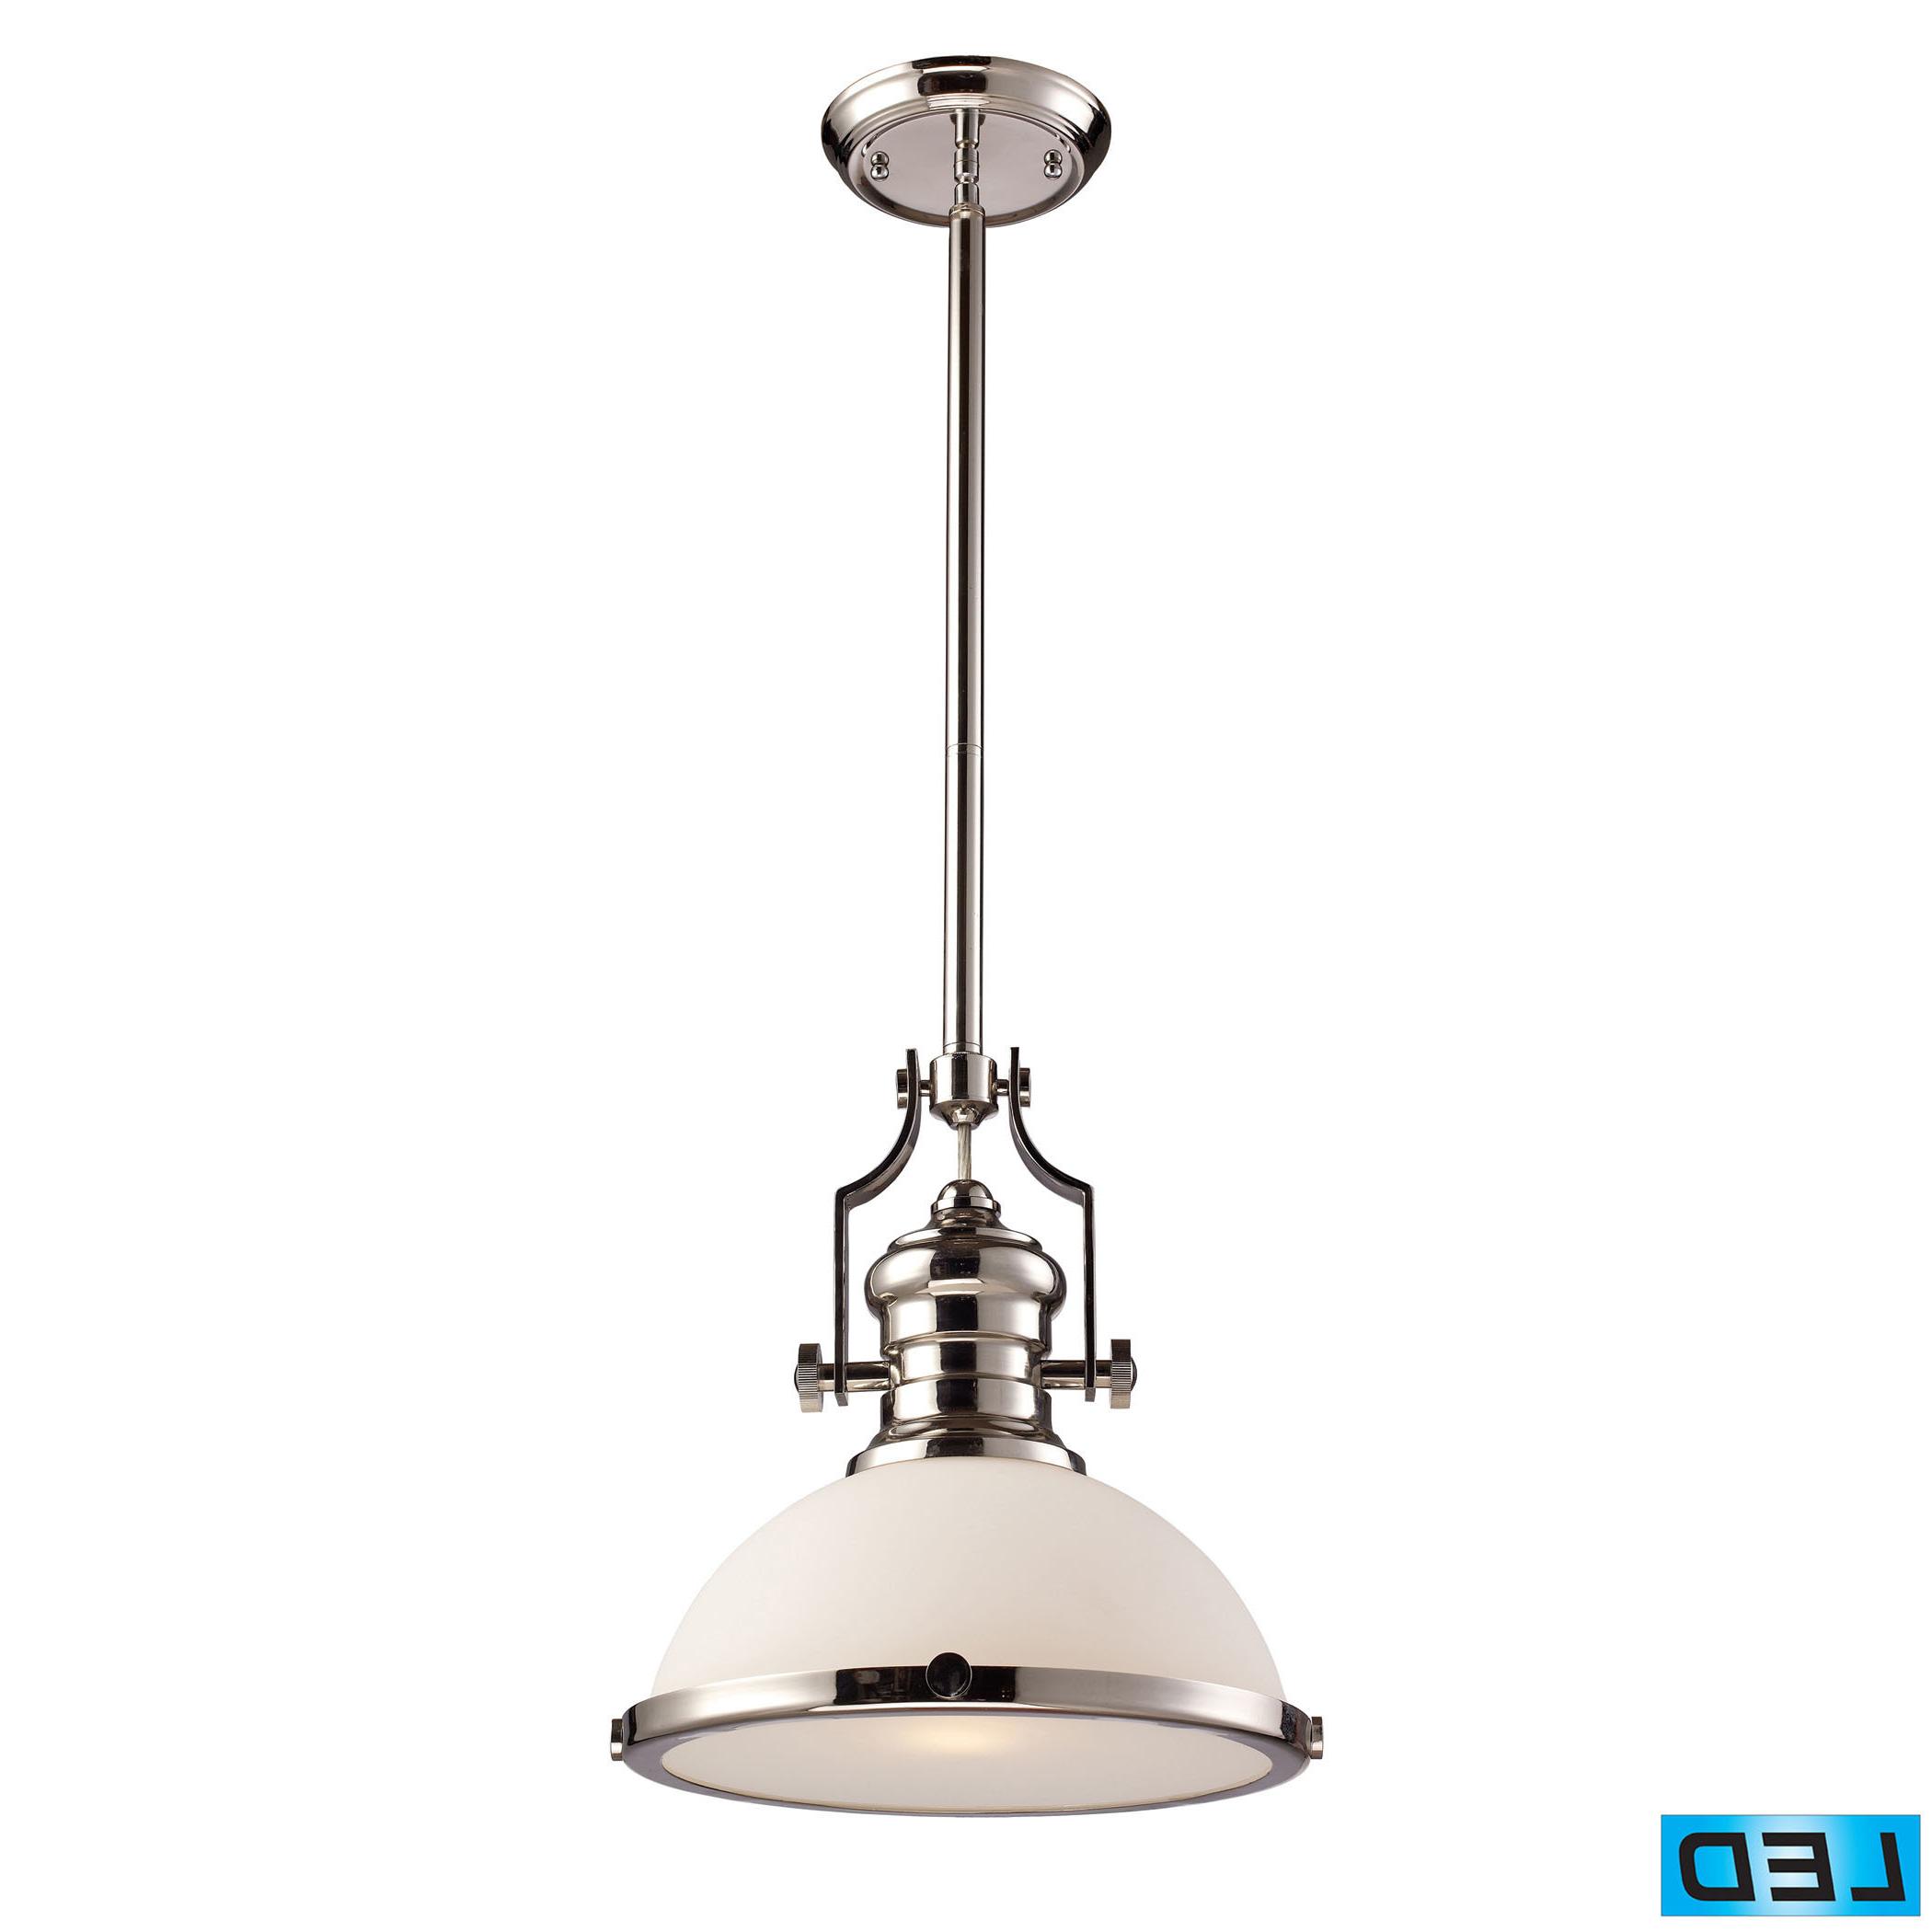 Priston 1 Light Single Dome Pendant Pertaining To Most Popular Granville 2 Light Single Dome Pendants (View 18 of 20)